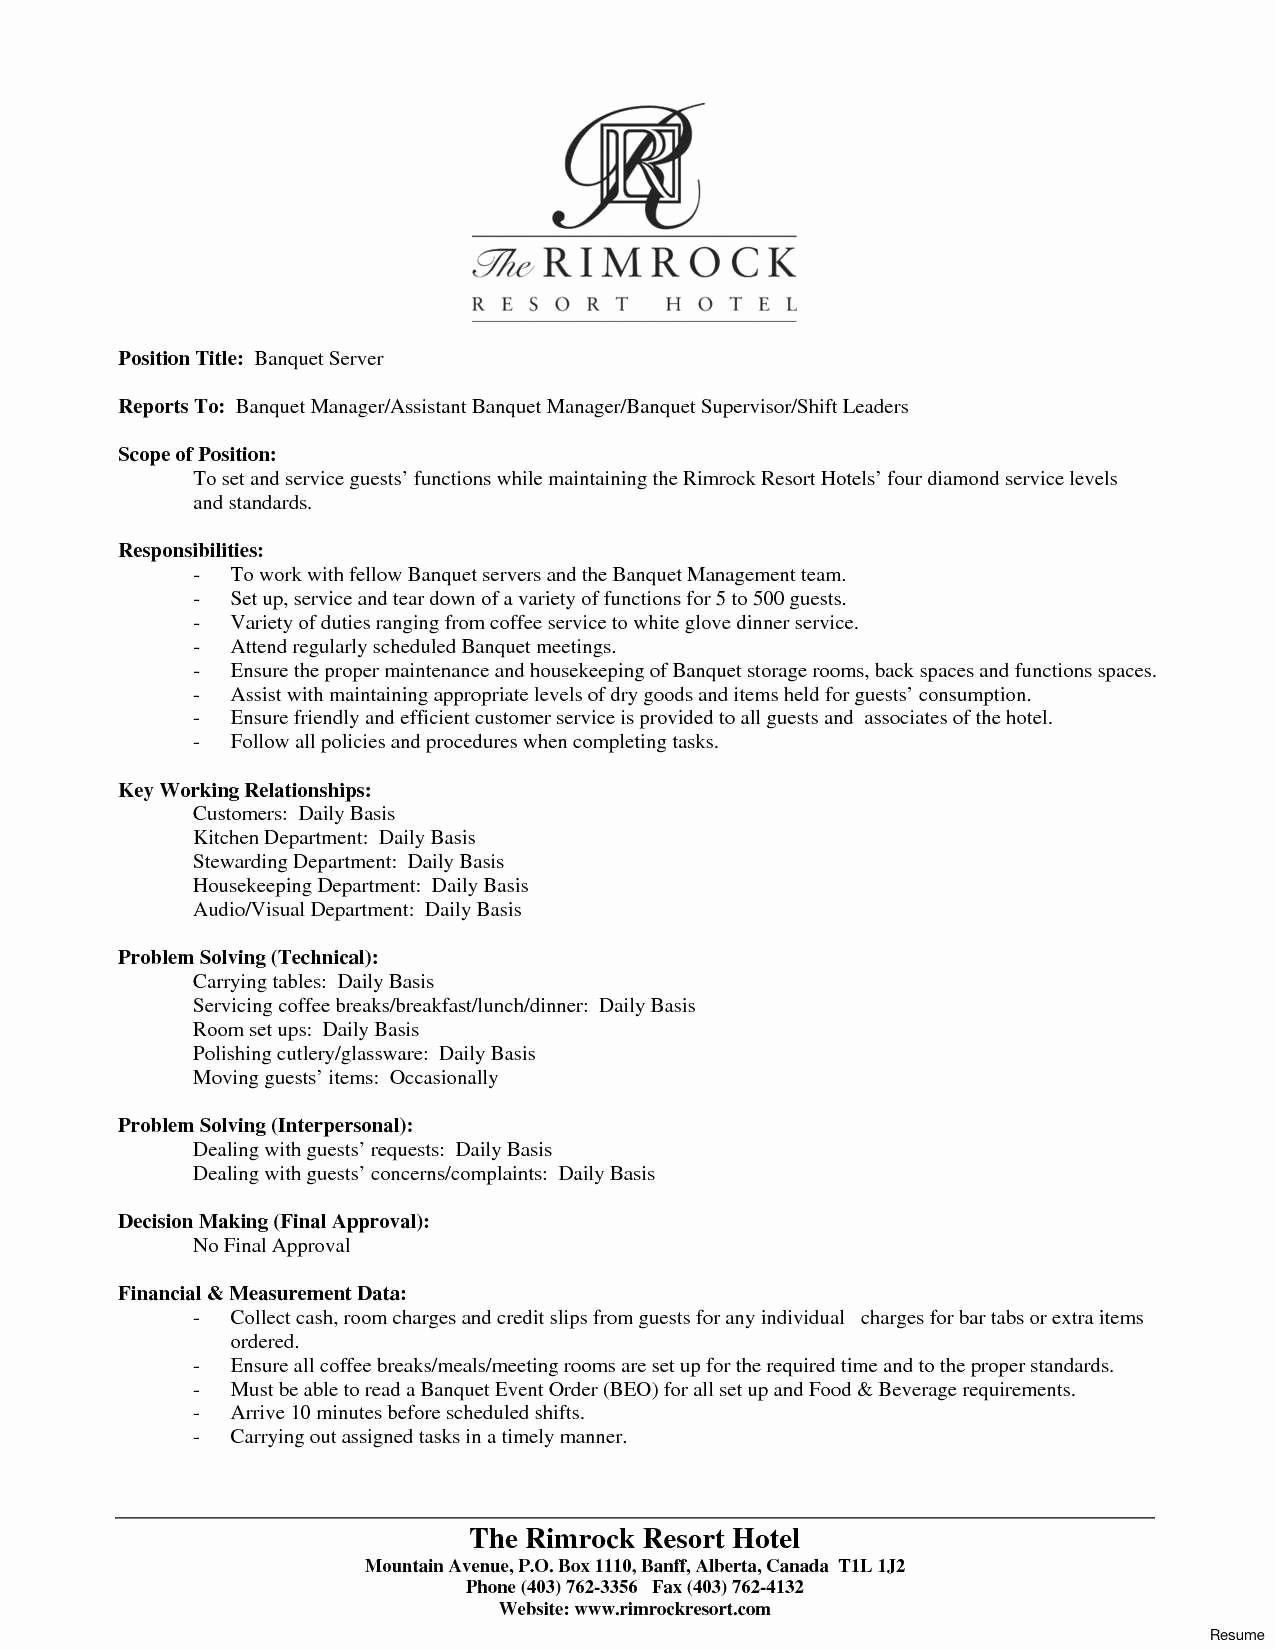 54 New Image Of Sample Resume For Restaurant Crew Resume